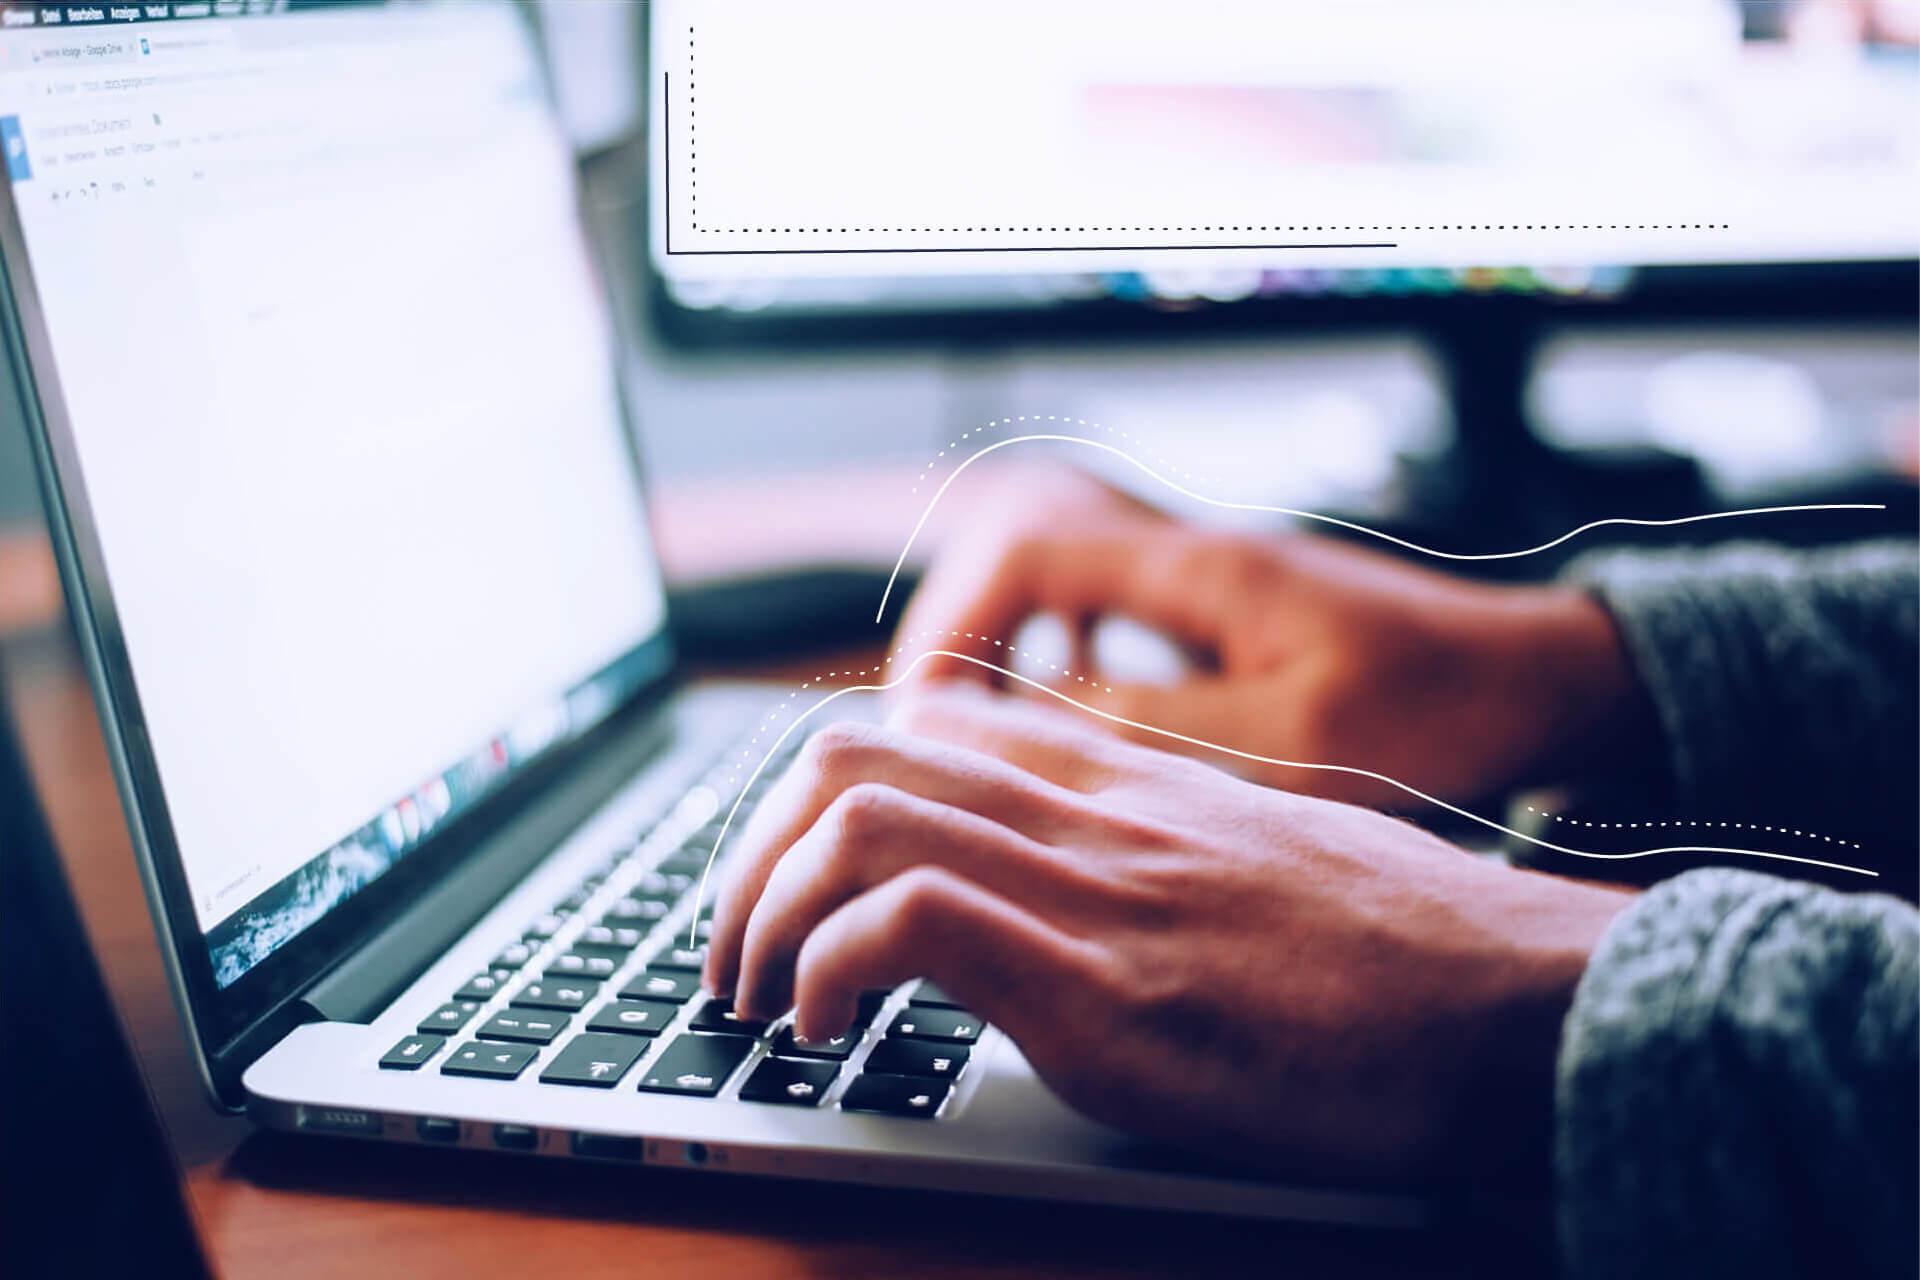 Hände die an einem Laptop tippen | eggheads.net